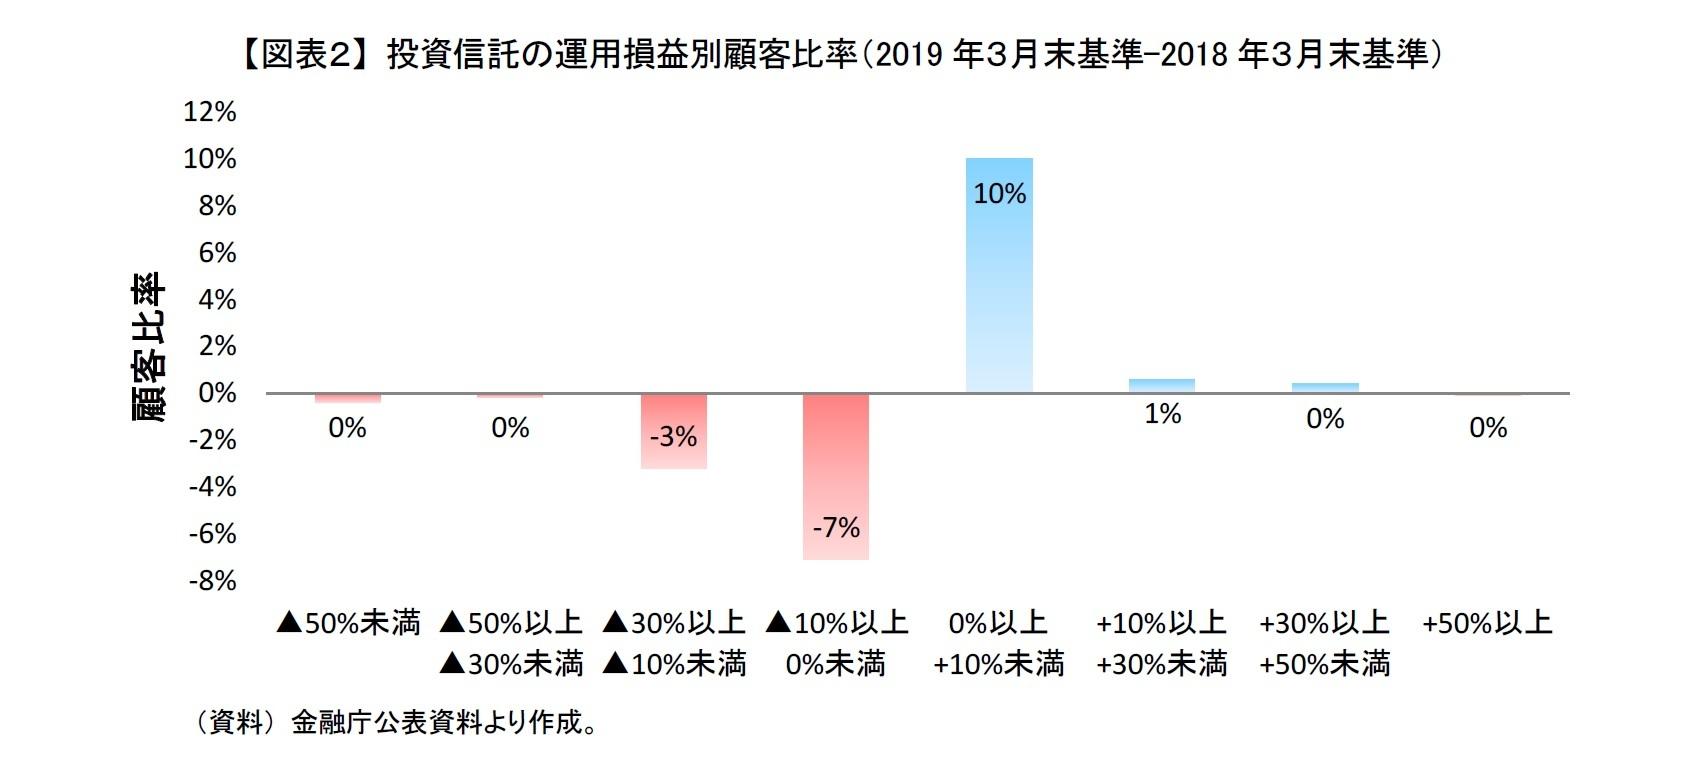 【図表2】 投資信託の運用損益別顧客比率(2019年3月末基準-2018年3月末基準)